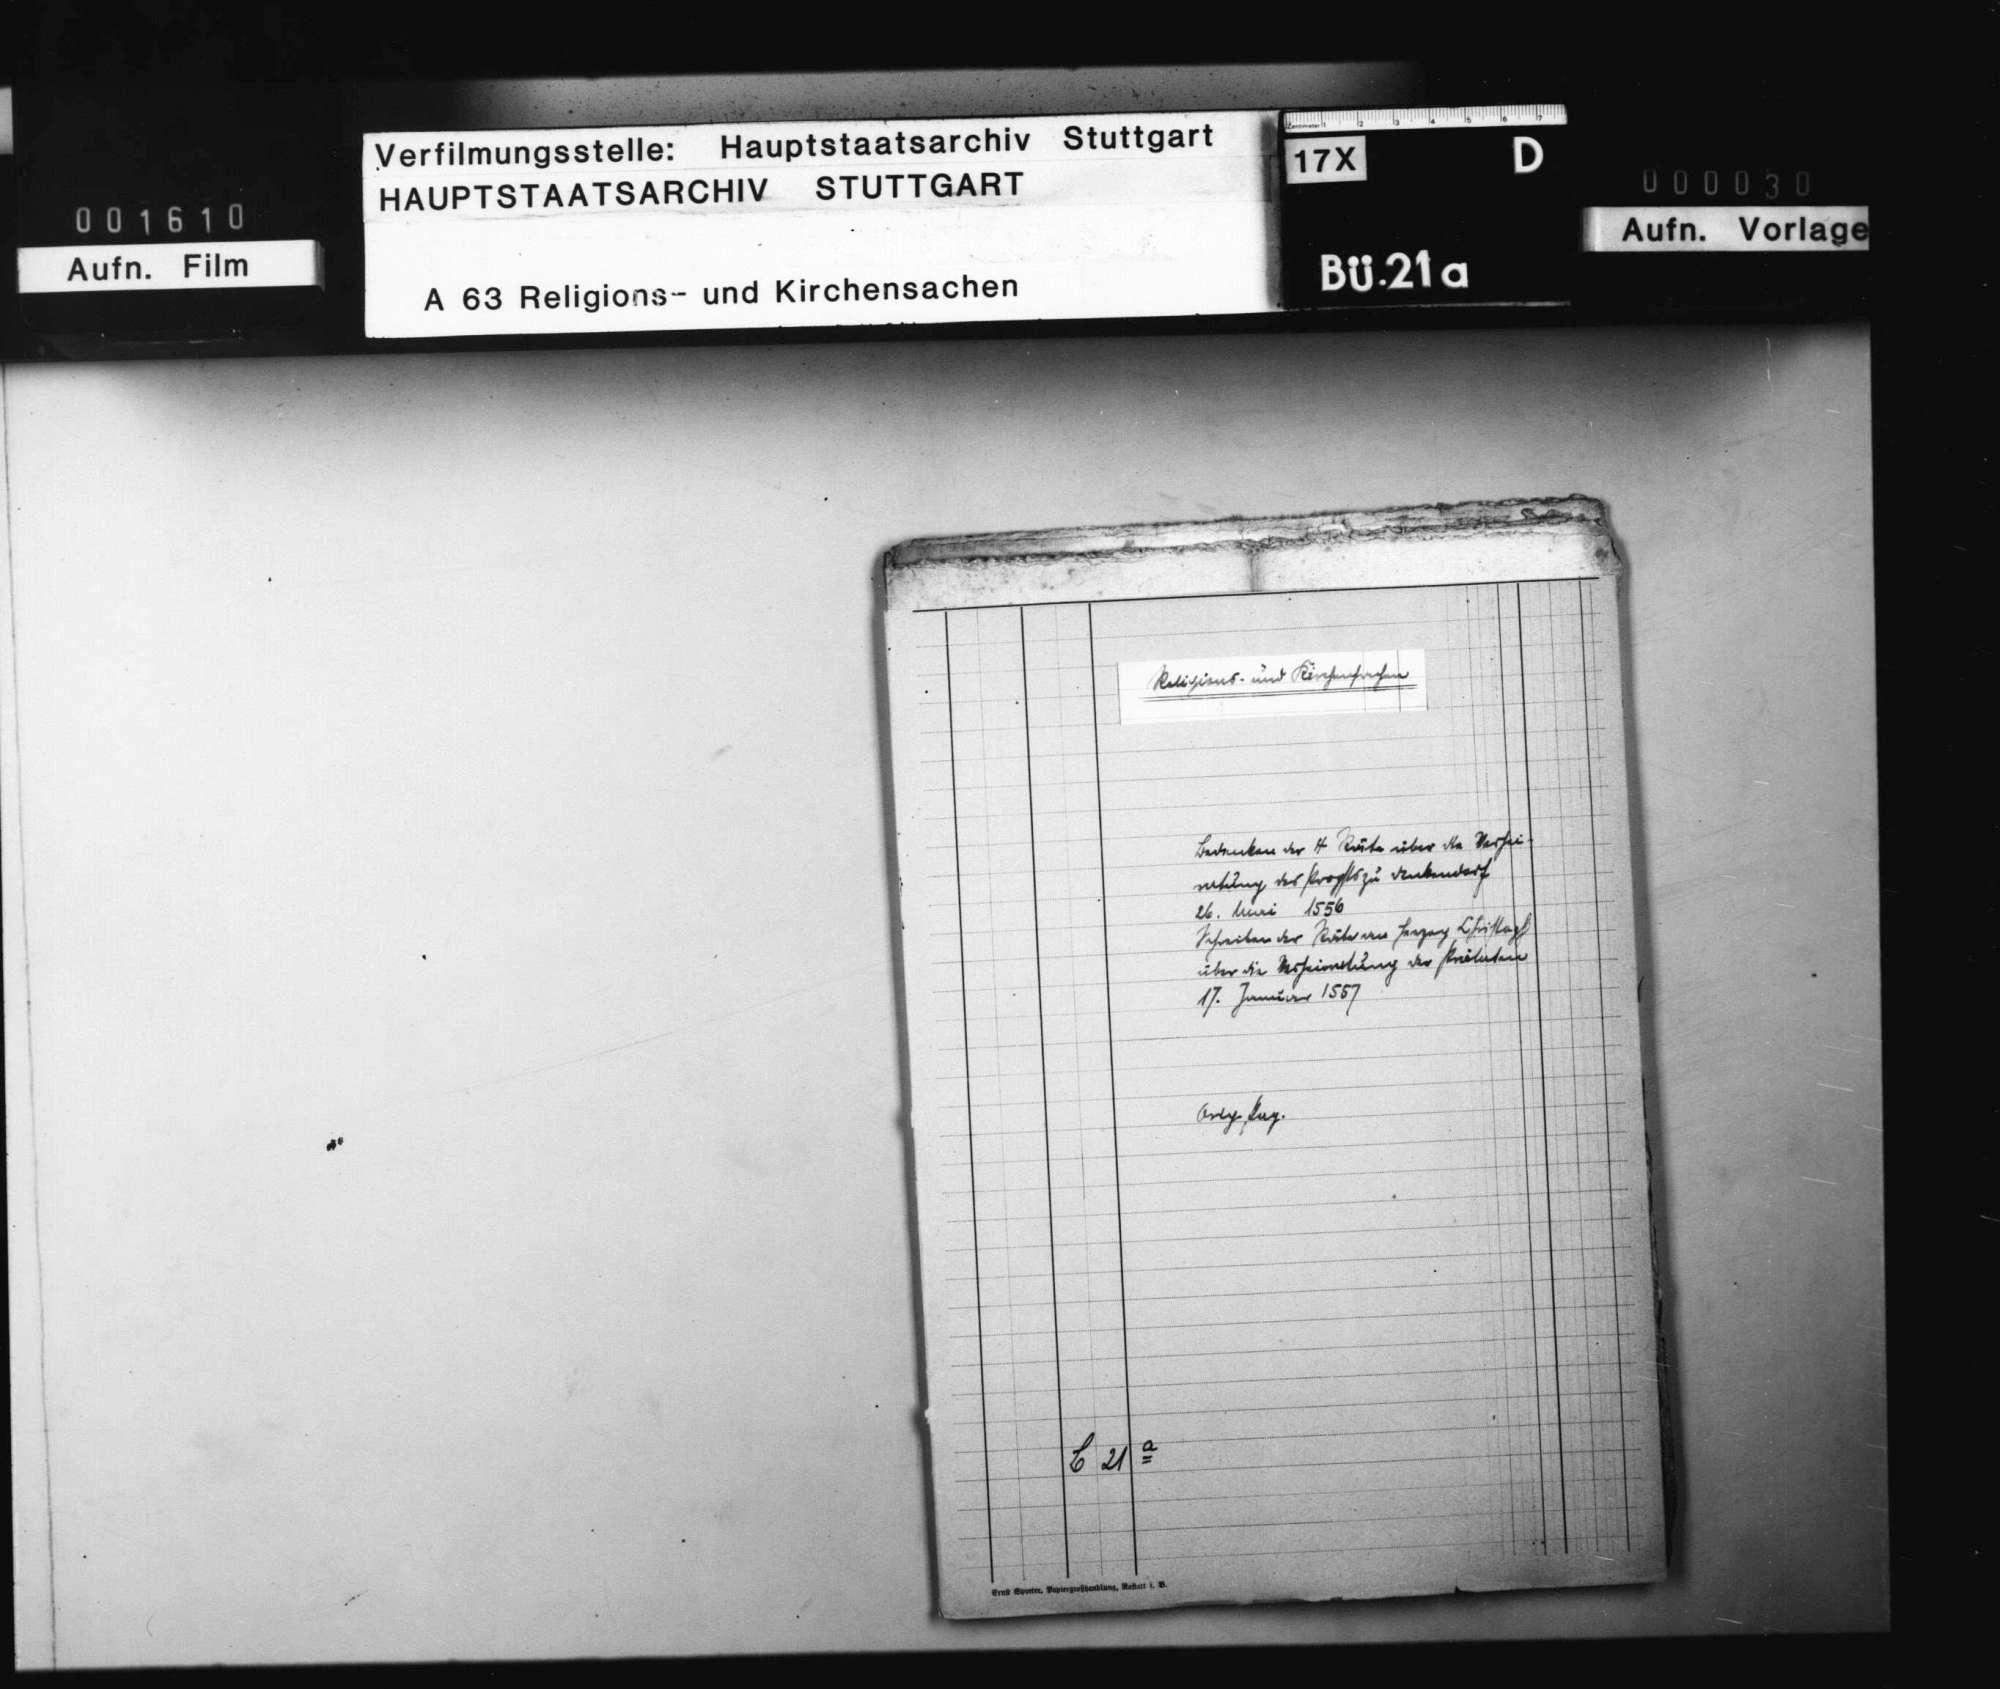 Bedenken der 4 Räte über die Verheiratung des Propsts zu Denkendorf. 26. Mai 1556. Schreiben der Räte an Herzog Christoph über die Verheiratung der Prälaten. 17. Januar 1557. Original, 5 Siegel, Bild 1